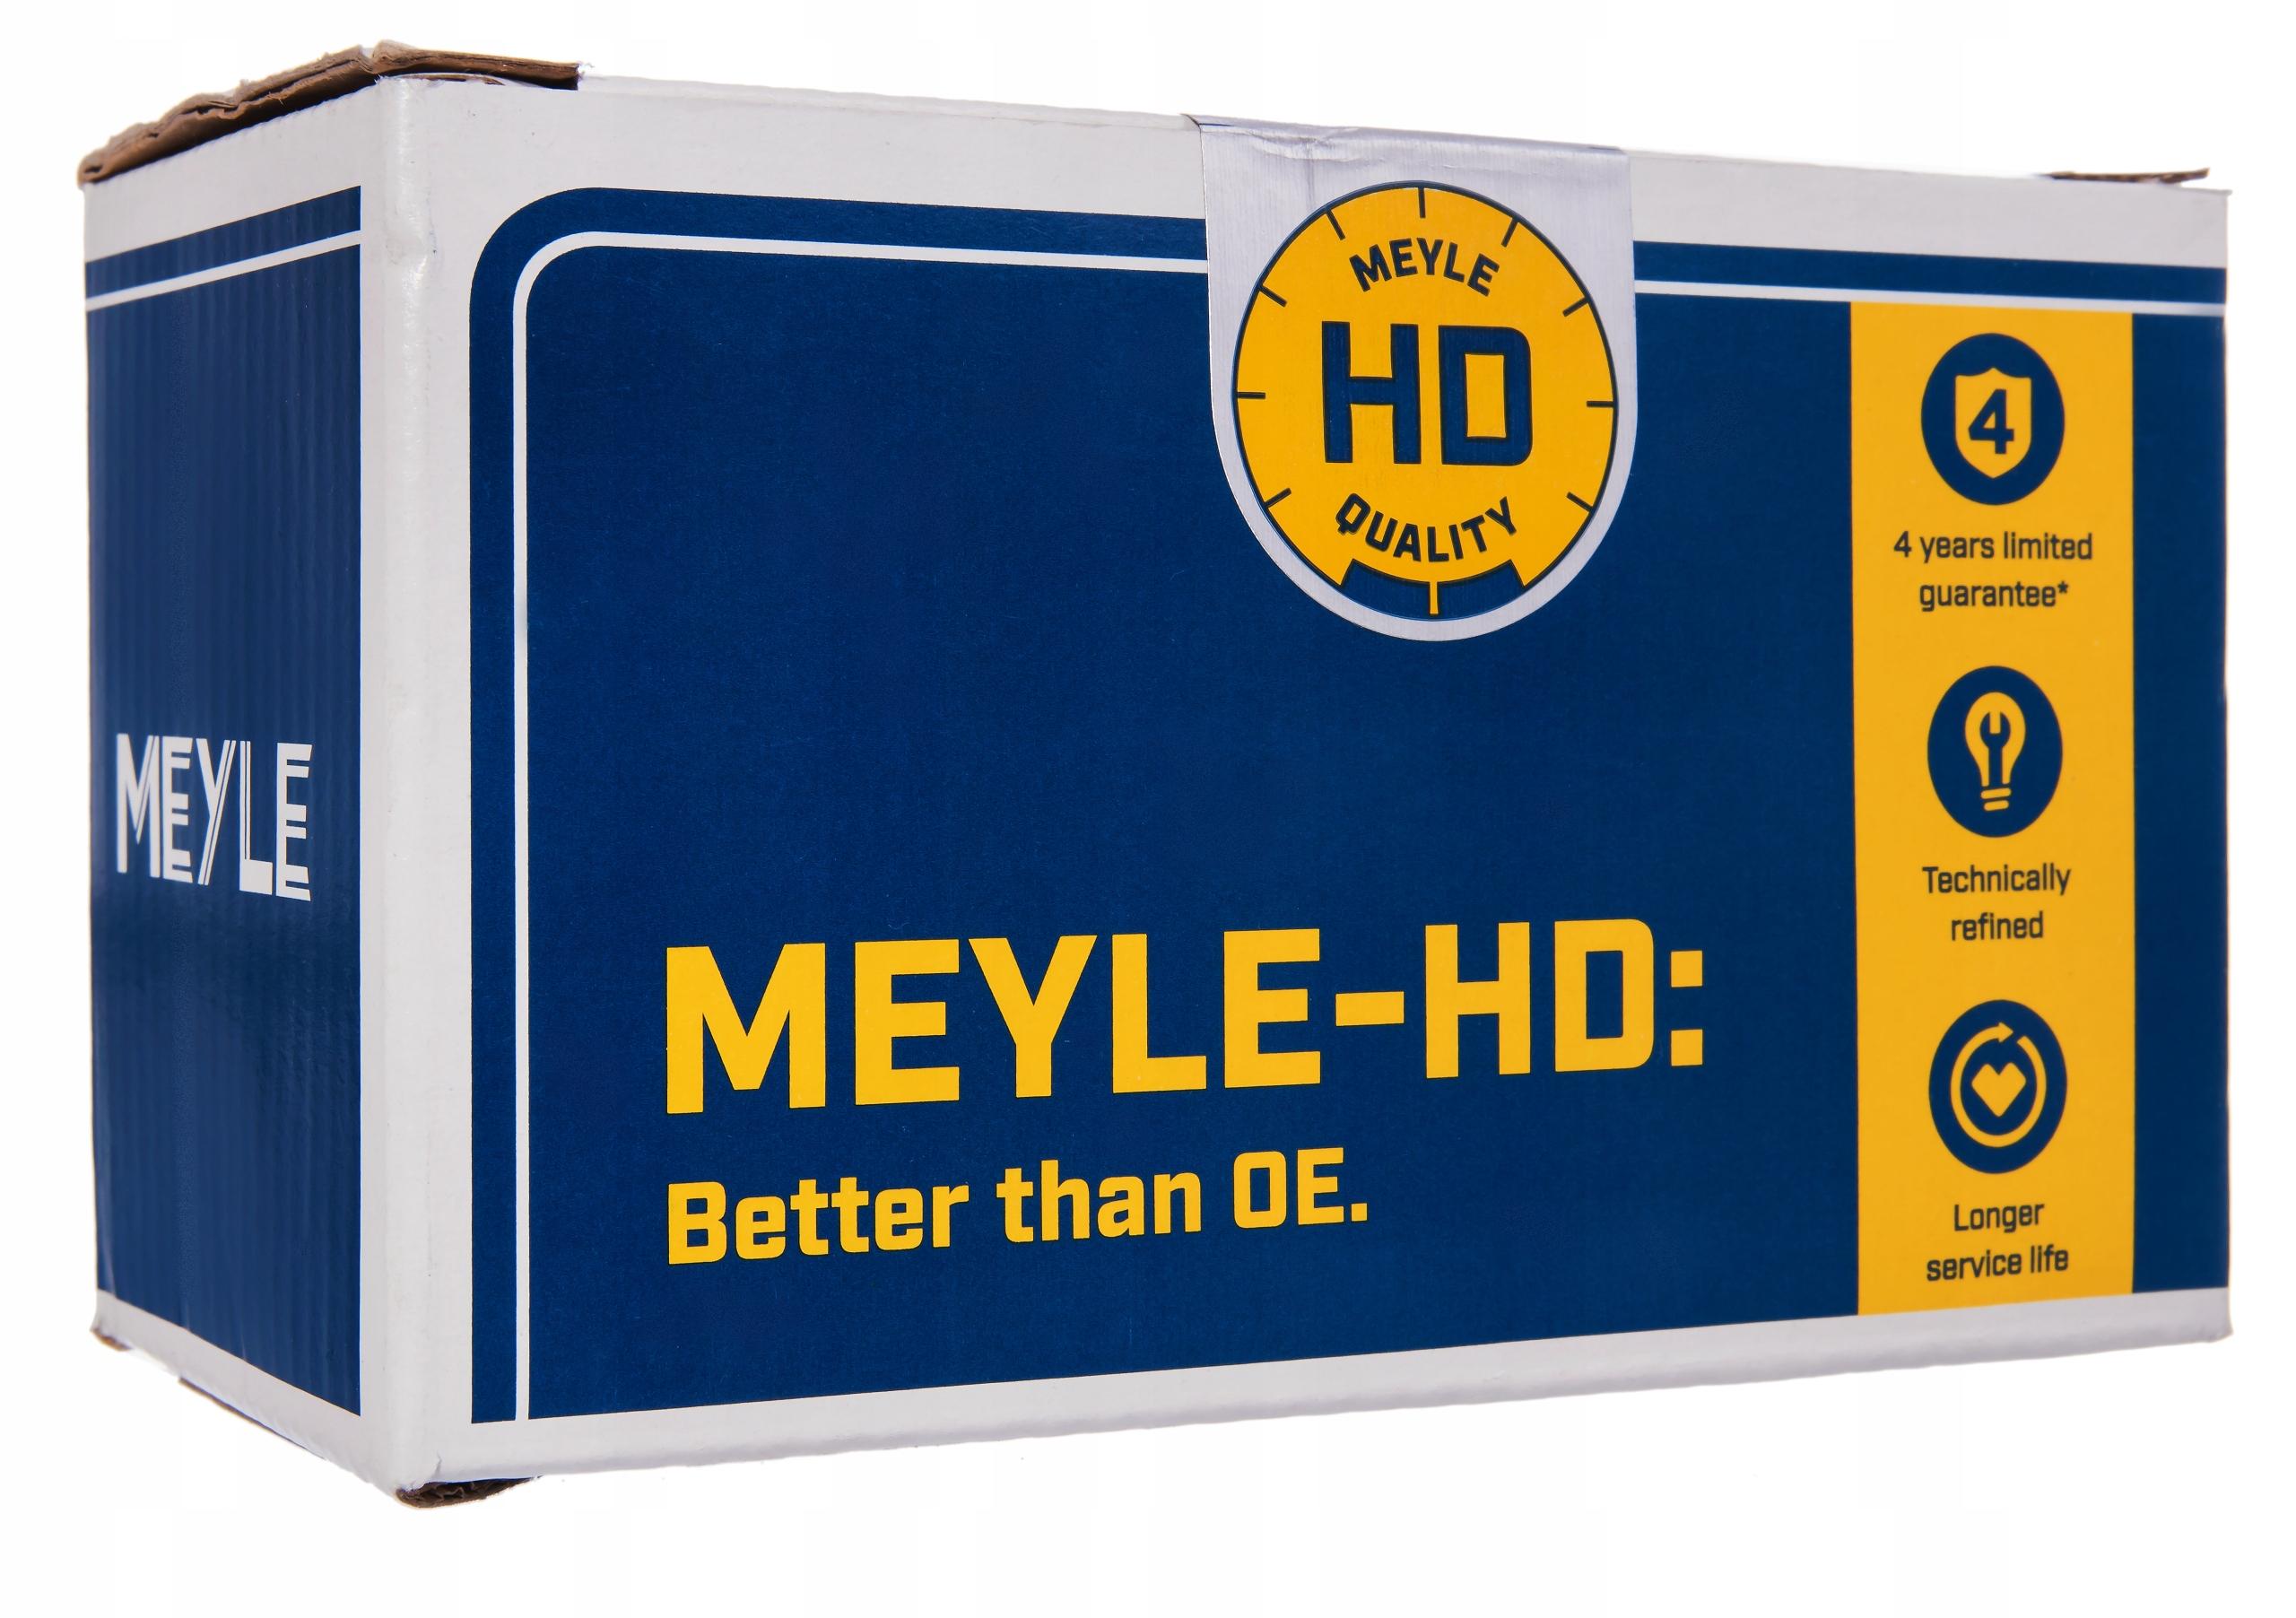 meyle Соединитель стаб усилитель 6160600003hd opel